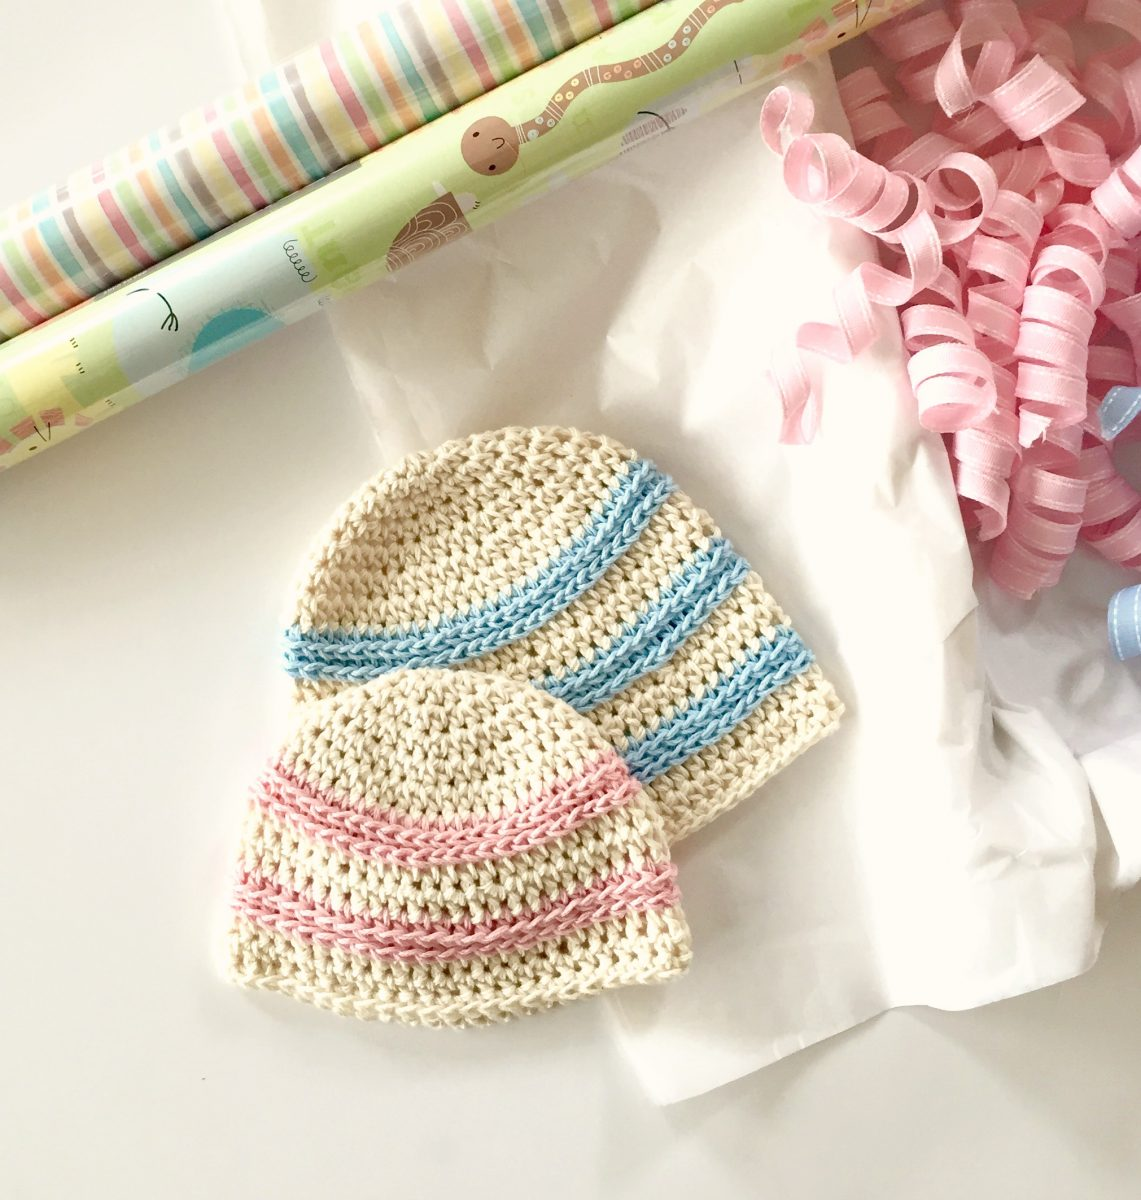 sweet stripes baby hat crochet pattern by little monkeys design morning grande